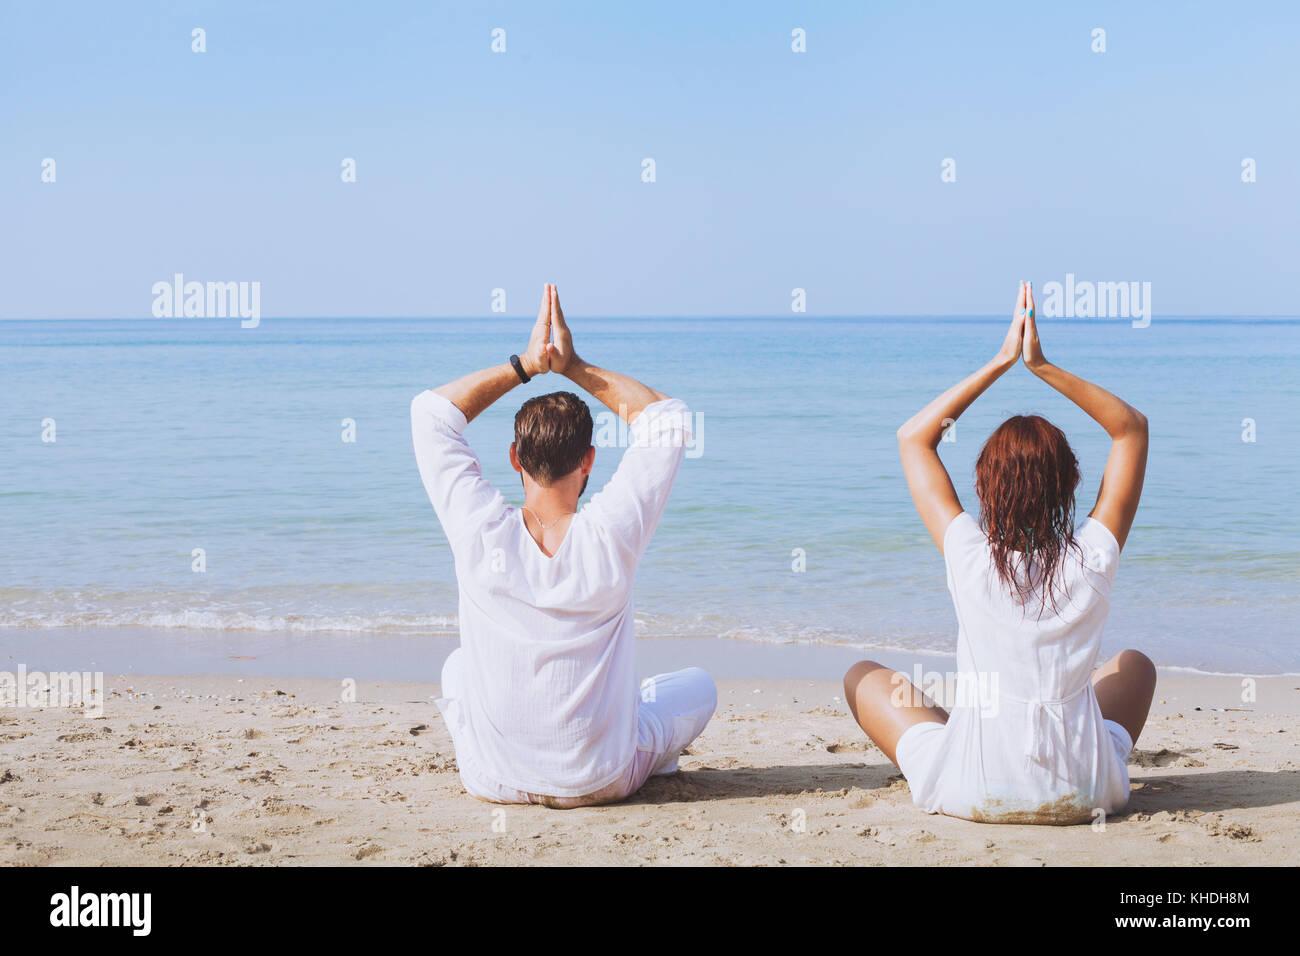 Yoga am Strand, zwei Menschen in weißen Kleidern üben Meditation, gesunden Lebensstil Hintergrund Stockbild